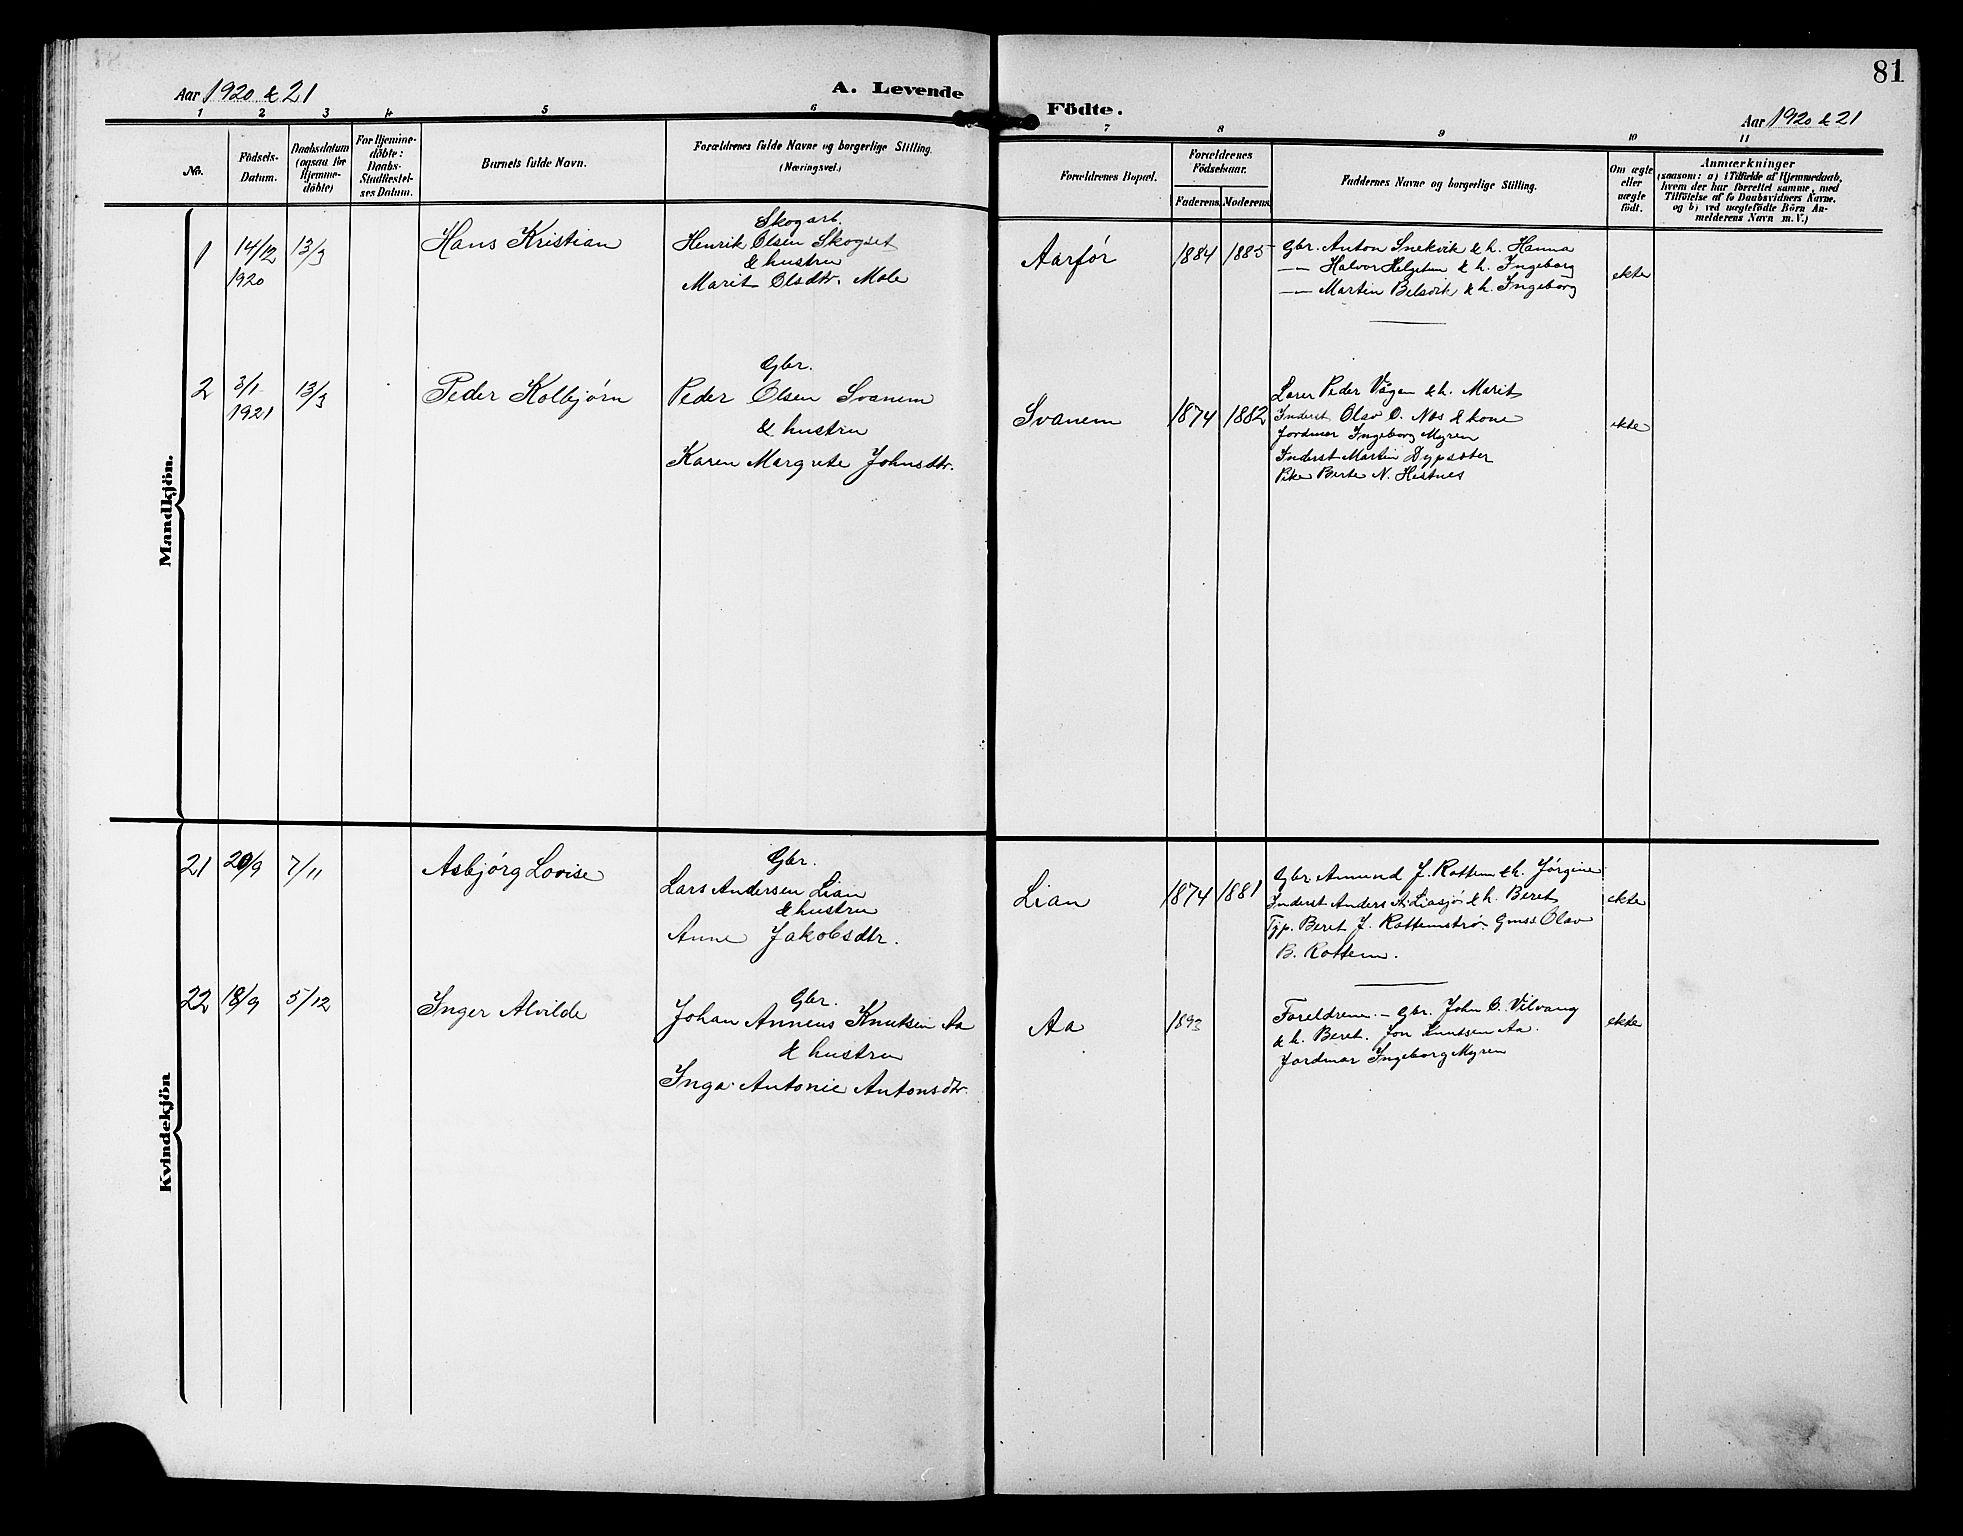 SAT, Ministerialprotokoller, klokkerbøker og fødselsregistre - Sør-Trøndelag, 633/L0520: Klokkerbok nr. 633C02, 1906-1921, s. 81